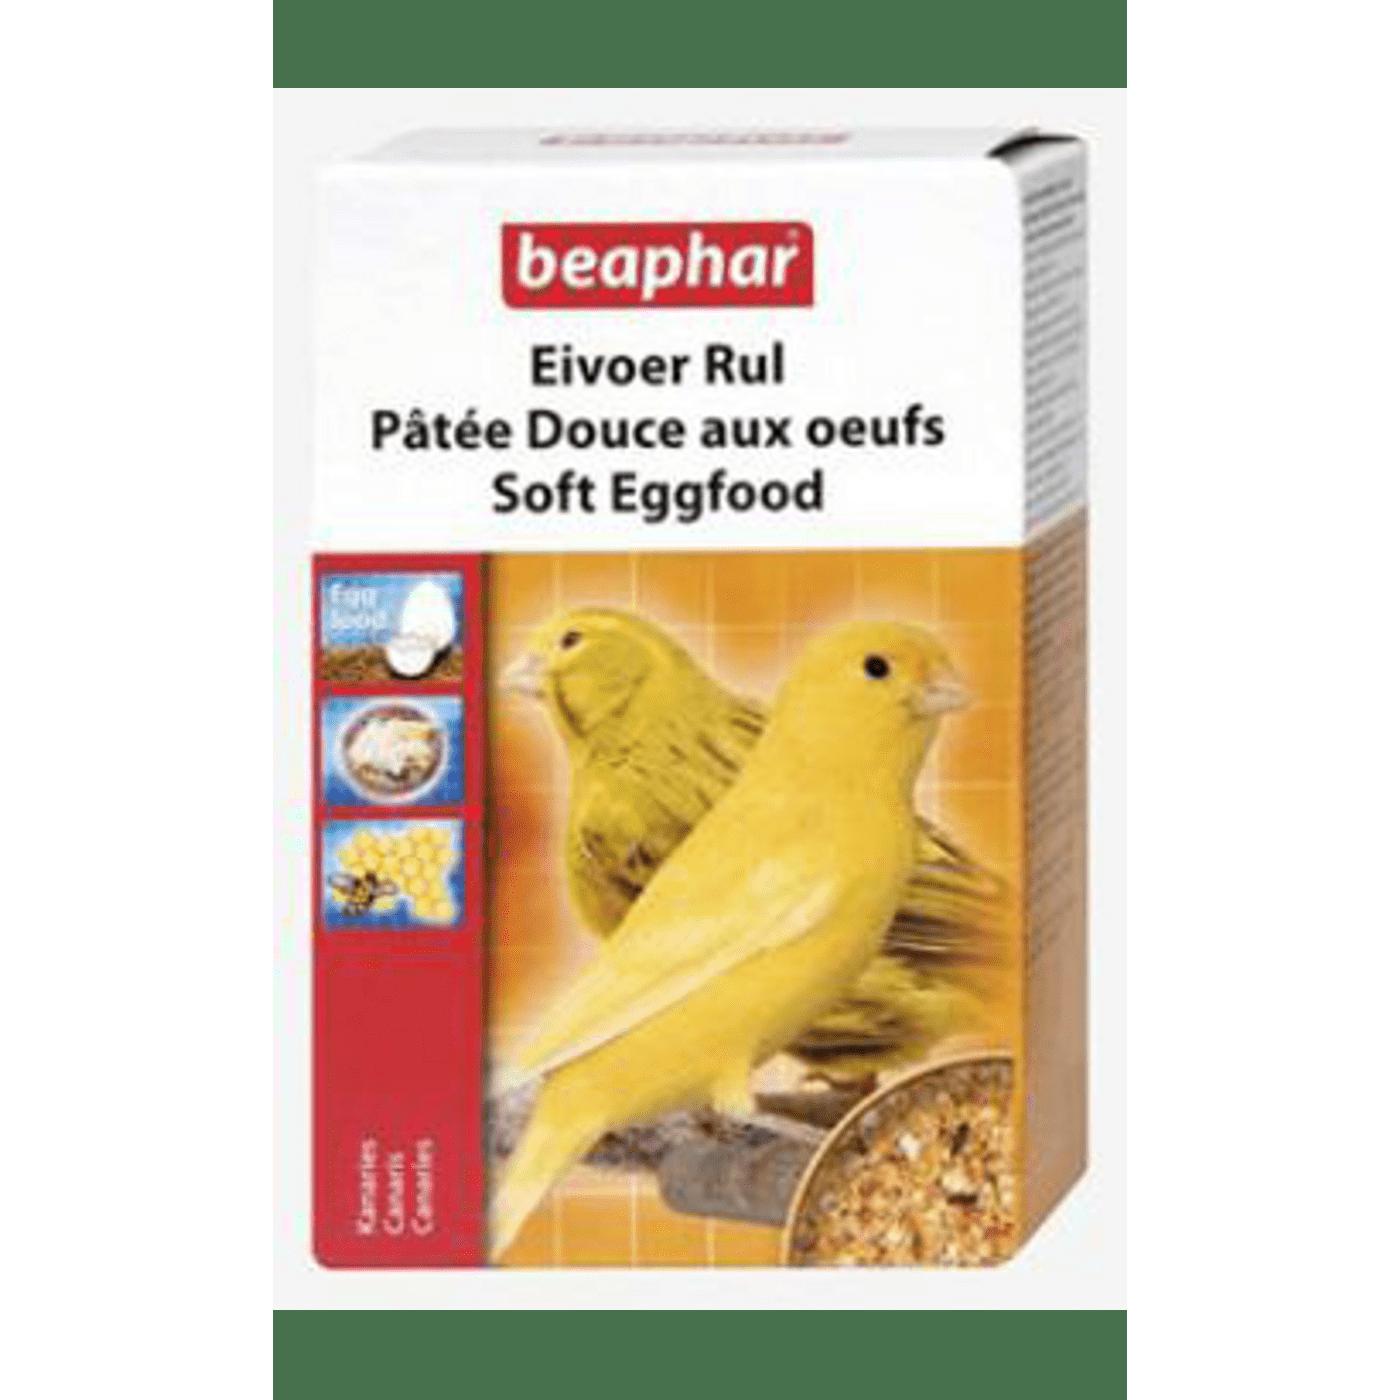 Beaphar-Pasta-de-Ovo-para-Canarios